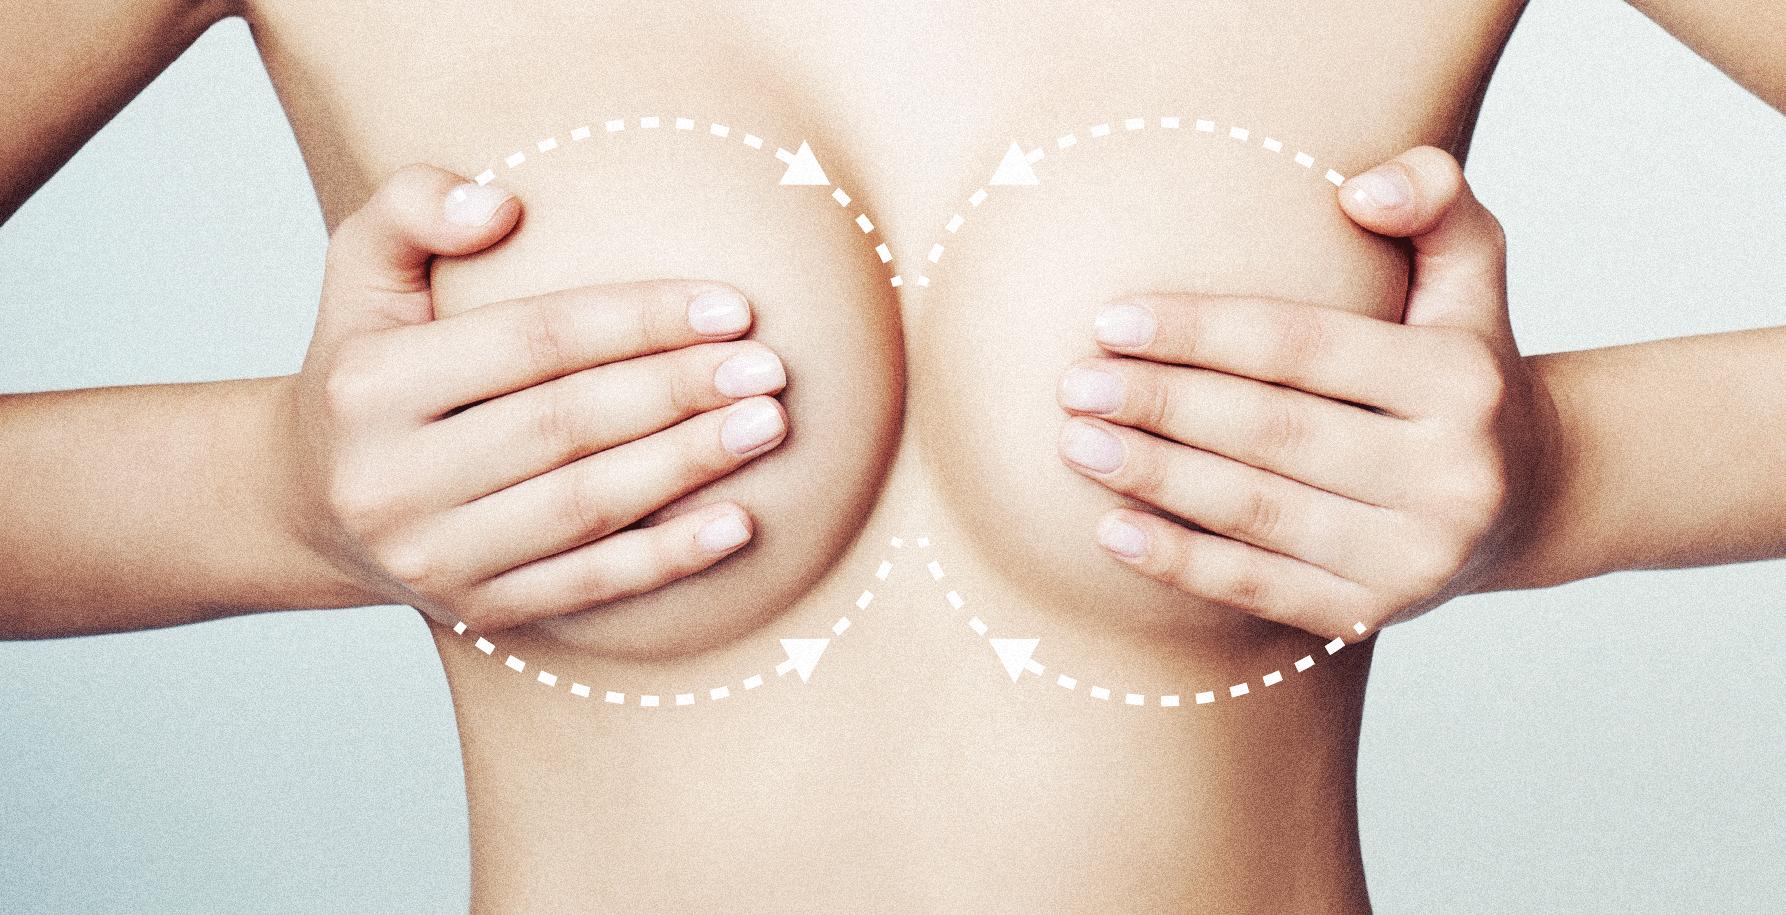 Массаж груди при застое молока: первая помощь самой себе